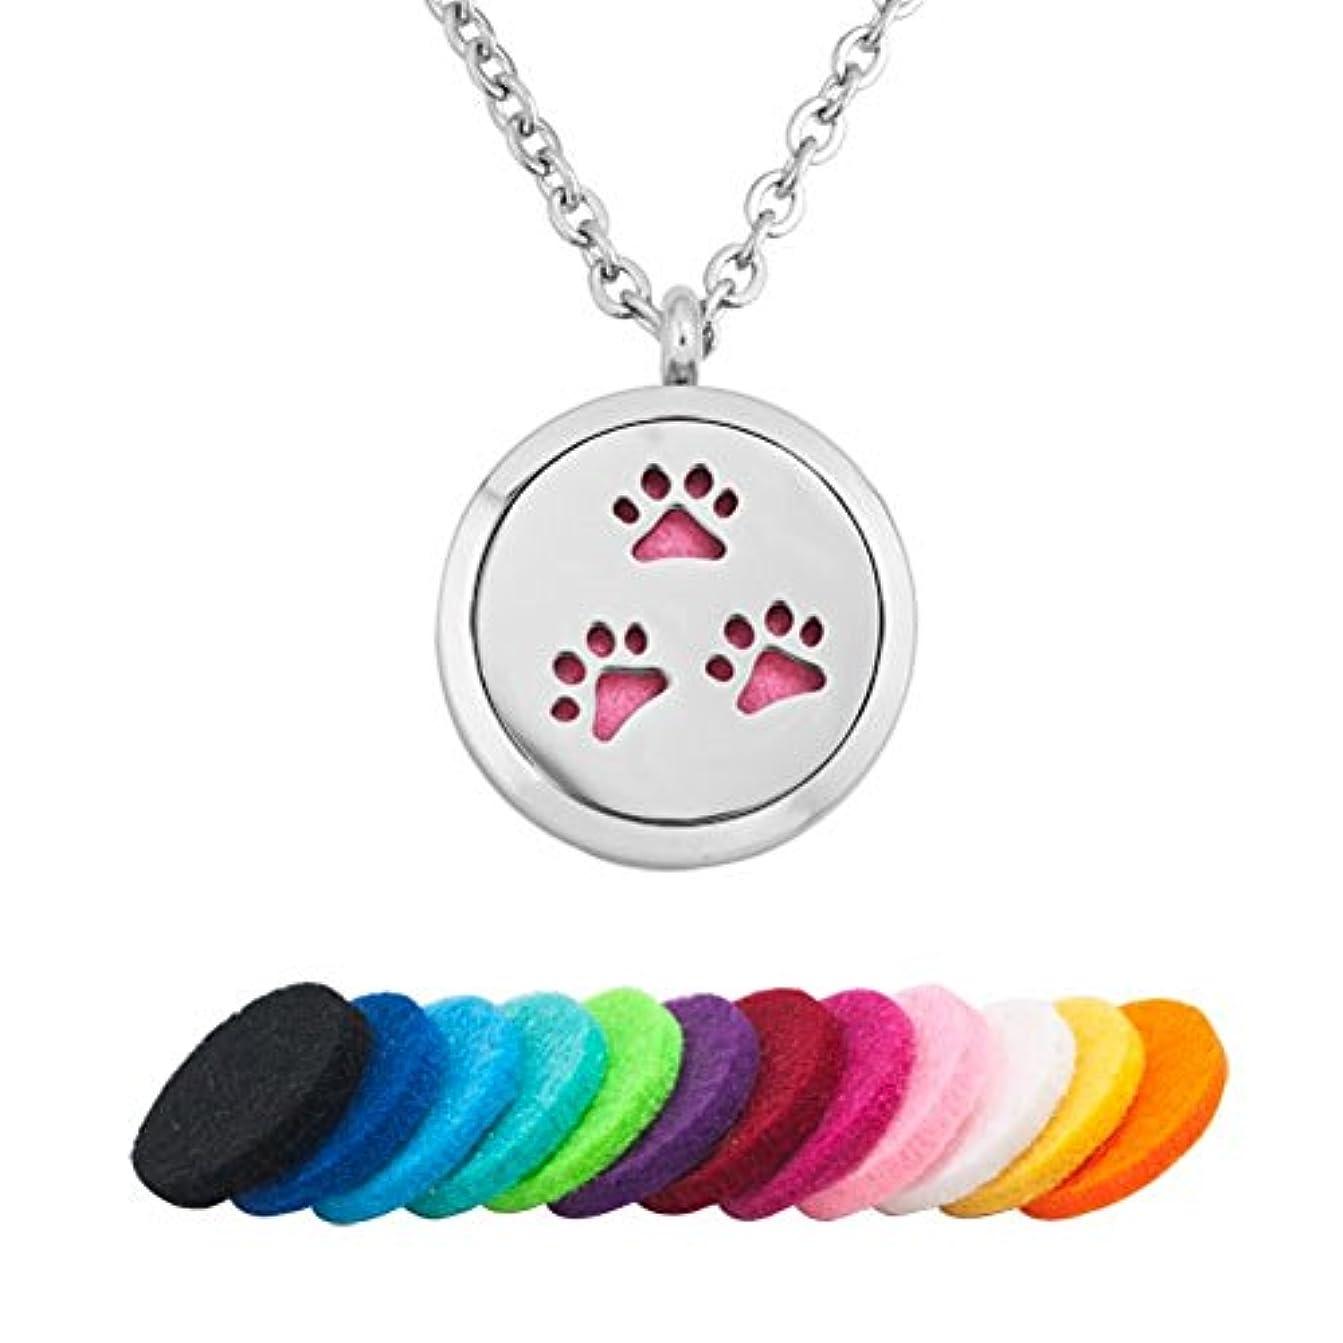 小説家対人オレンジq &ロケットLove犬PawprintステンレススチールプレミアムAromatherapy Essential Oil Diffuserロケットネックレス